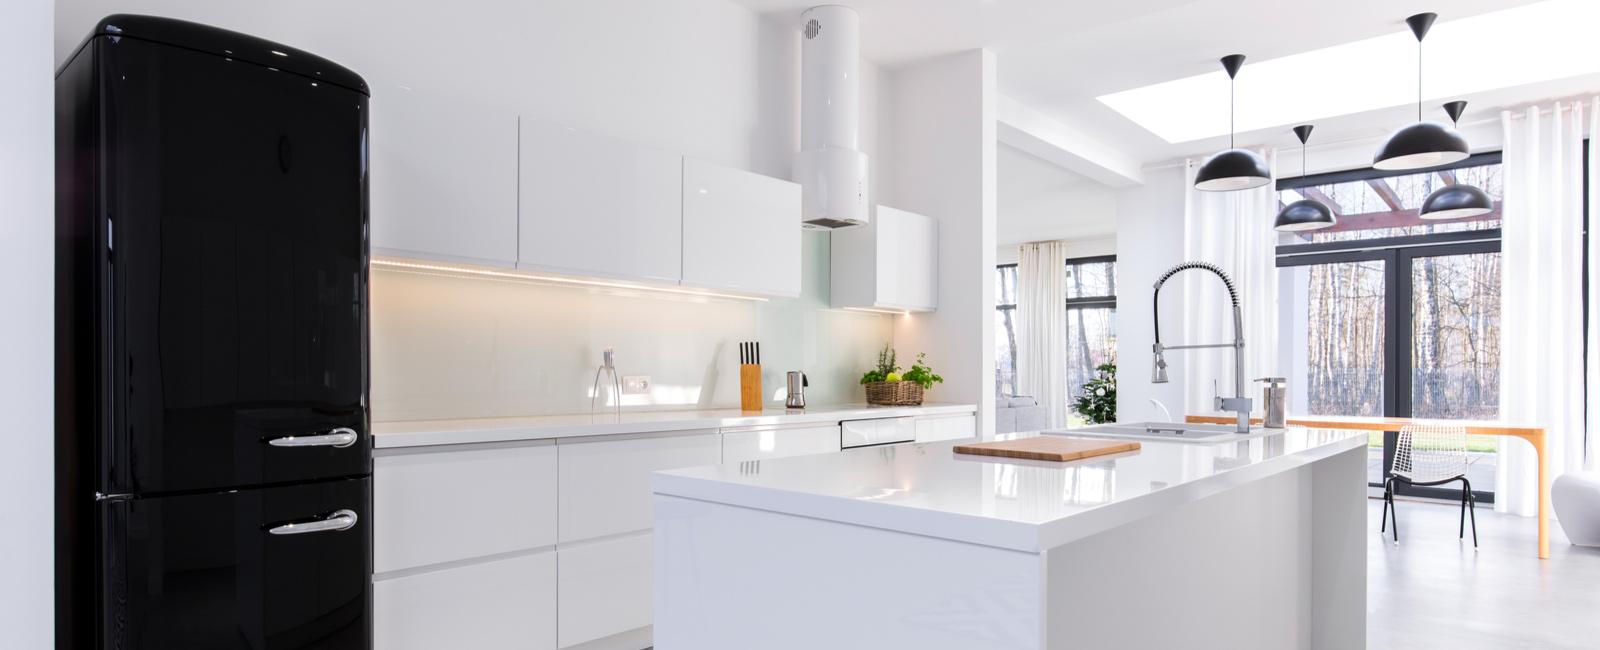 cuisine minimaliste 2020